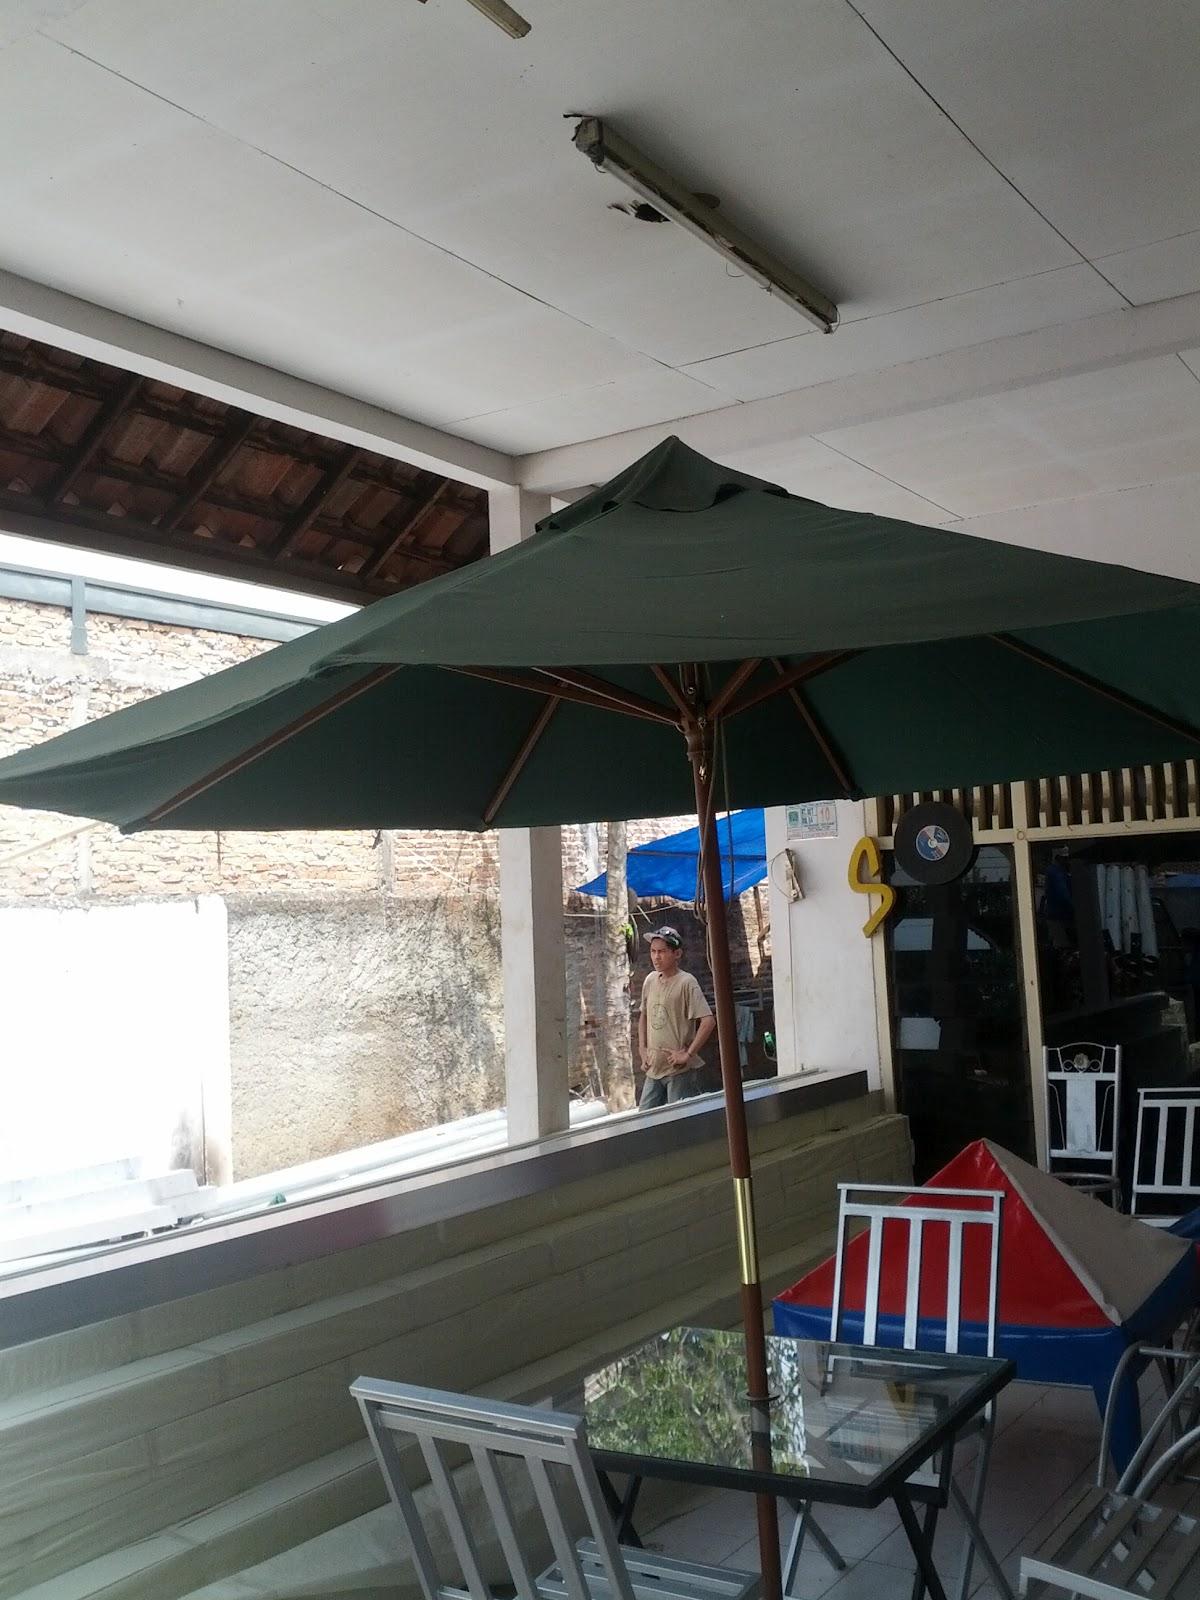 Tenda Kafe, Tenda Payung, Tenda Kolam renang, Tenda Jati